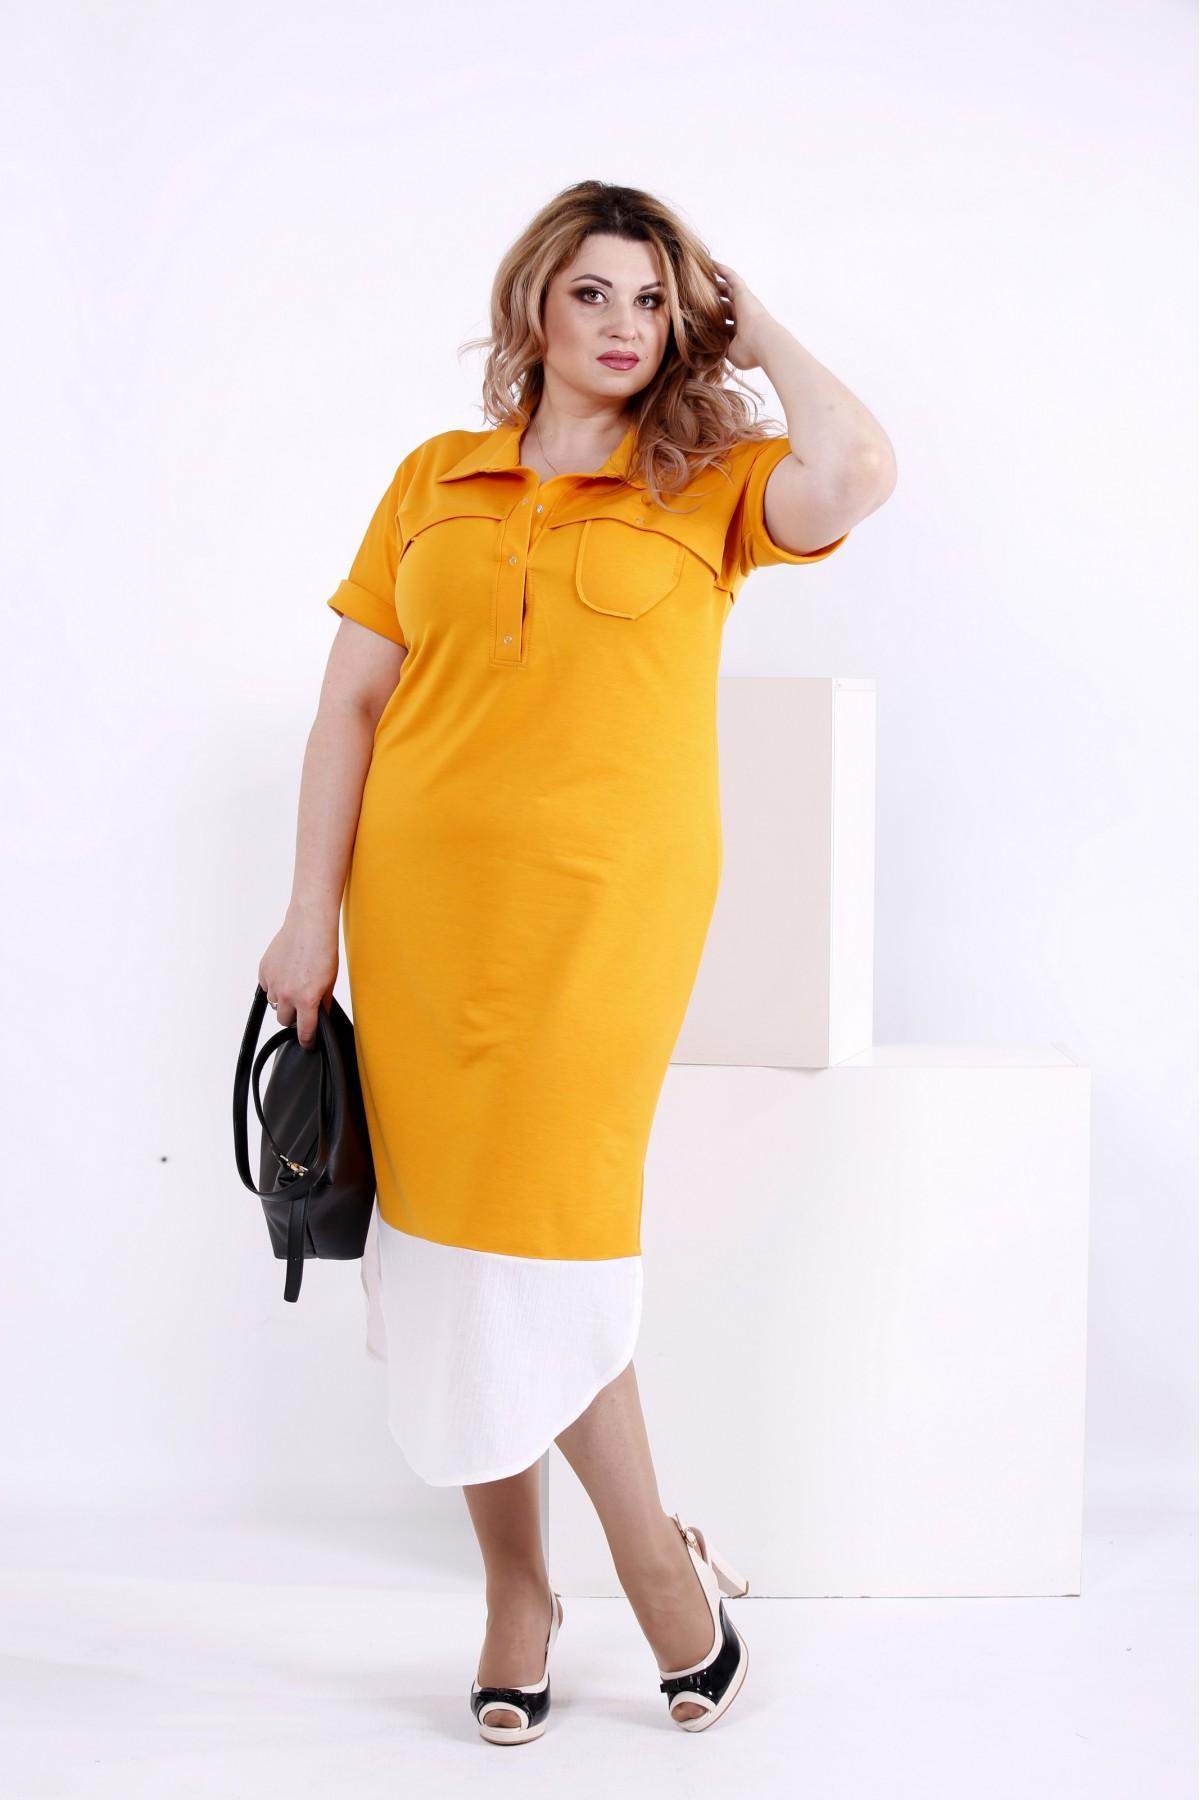 b38b3732c83316 Купити Жовта сукня з коміром | 0844-1 недорого ♥ Гаррі Шоп